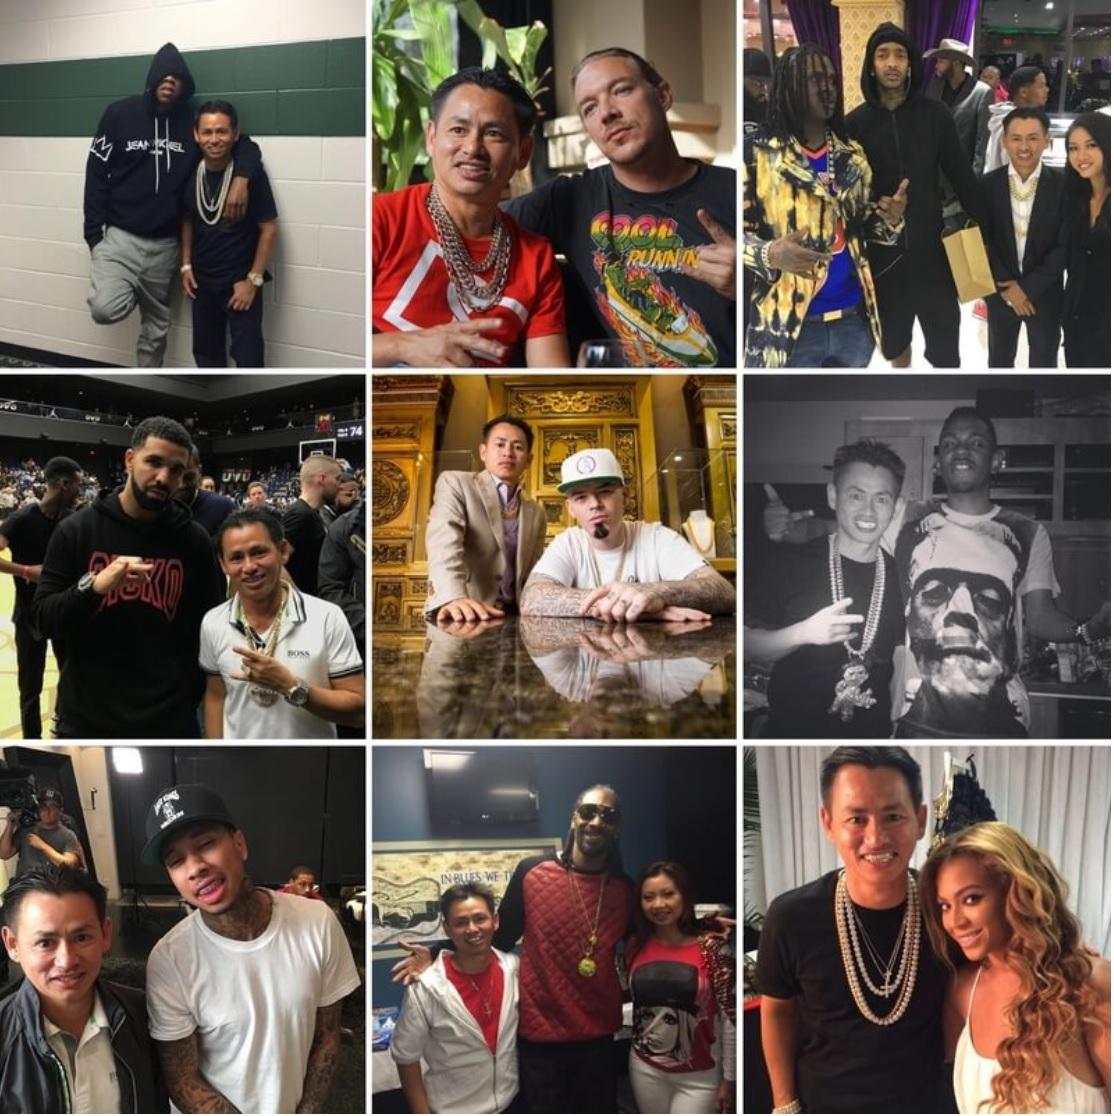 Tên tuổi những ngôi sao chọn Johnny Đặng đủ để nói lên tầm ảnh hưởng lớn của ông trong giới nghệ sĩ, đặc biệt là rapper. Nguồn ảnh: Internet